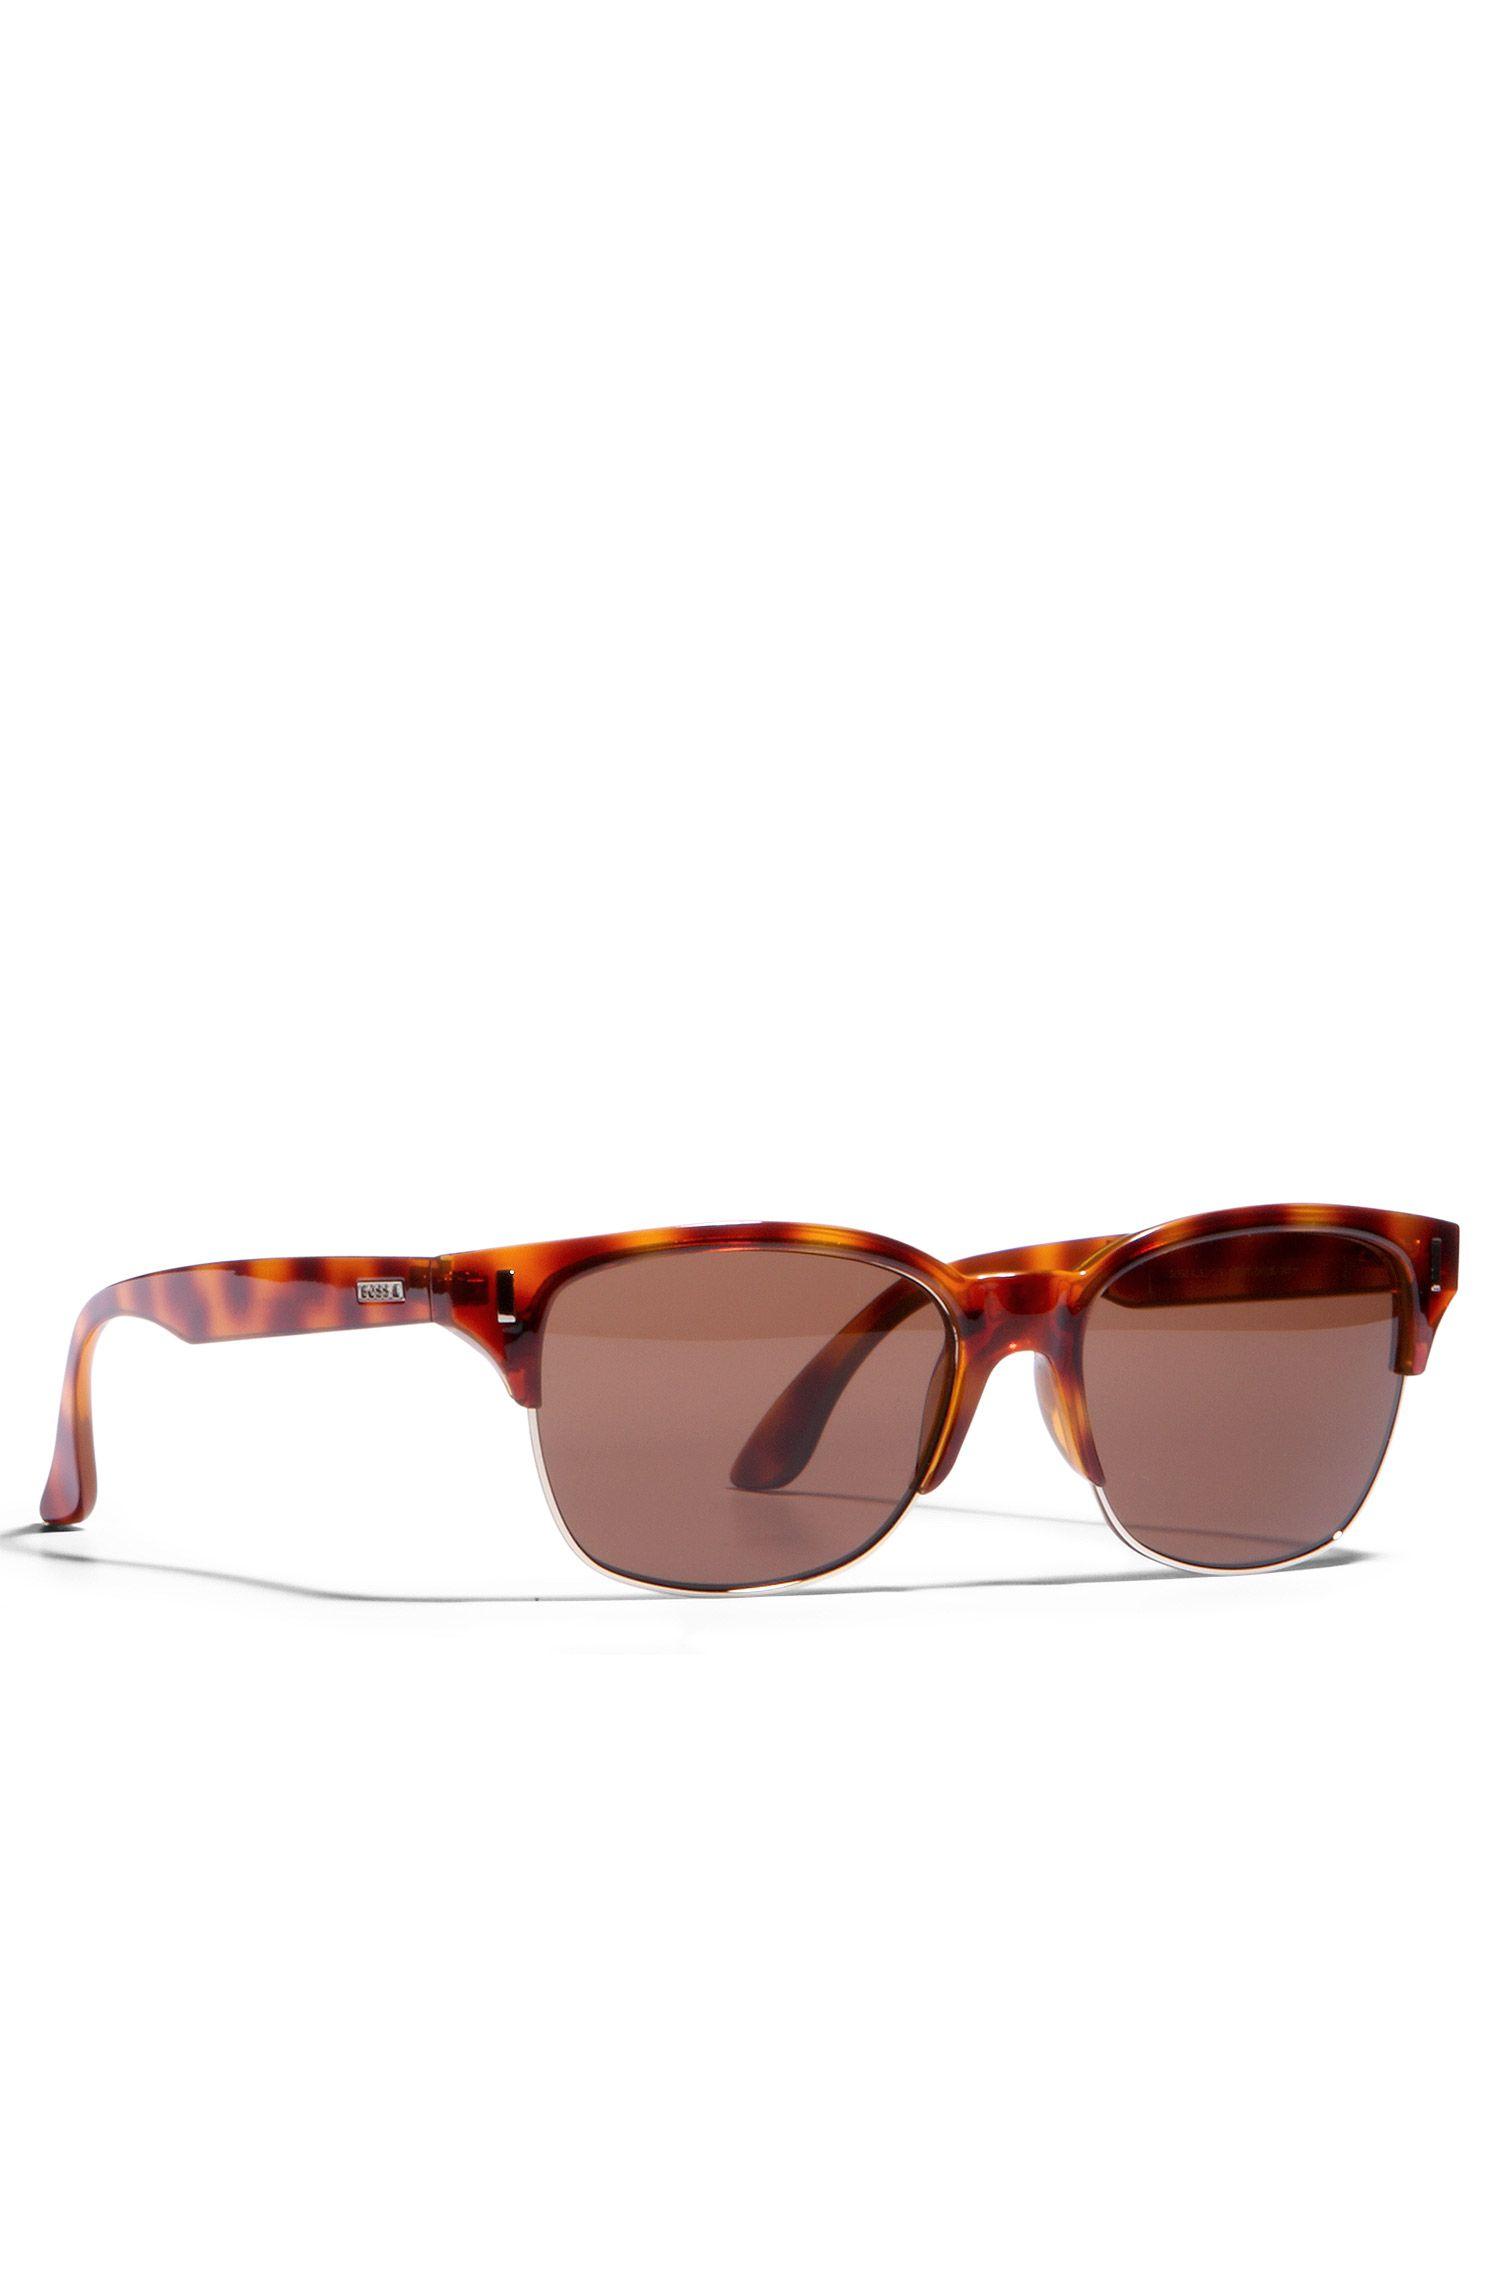 50er Jahre Sonnenbrille